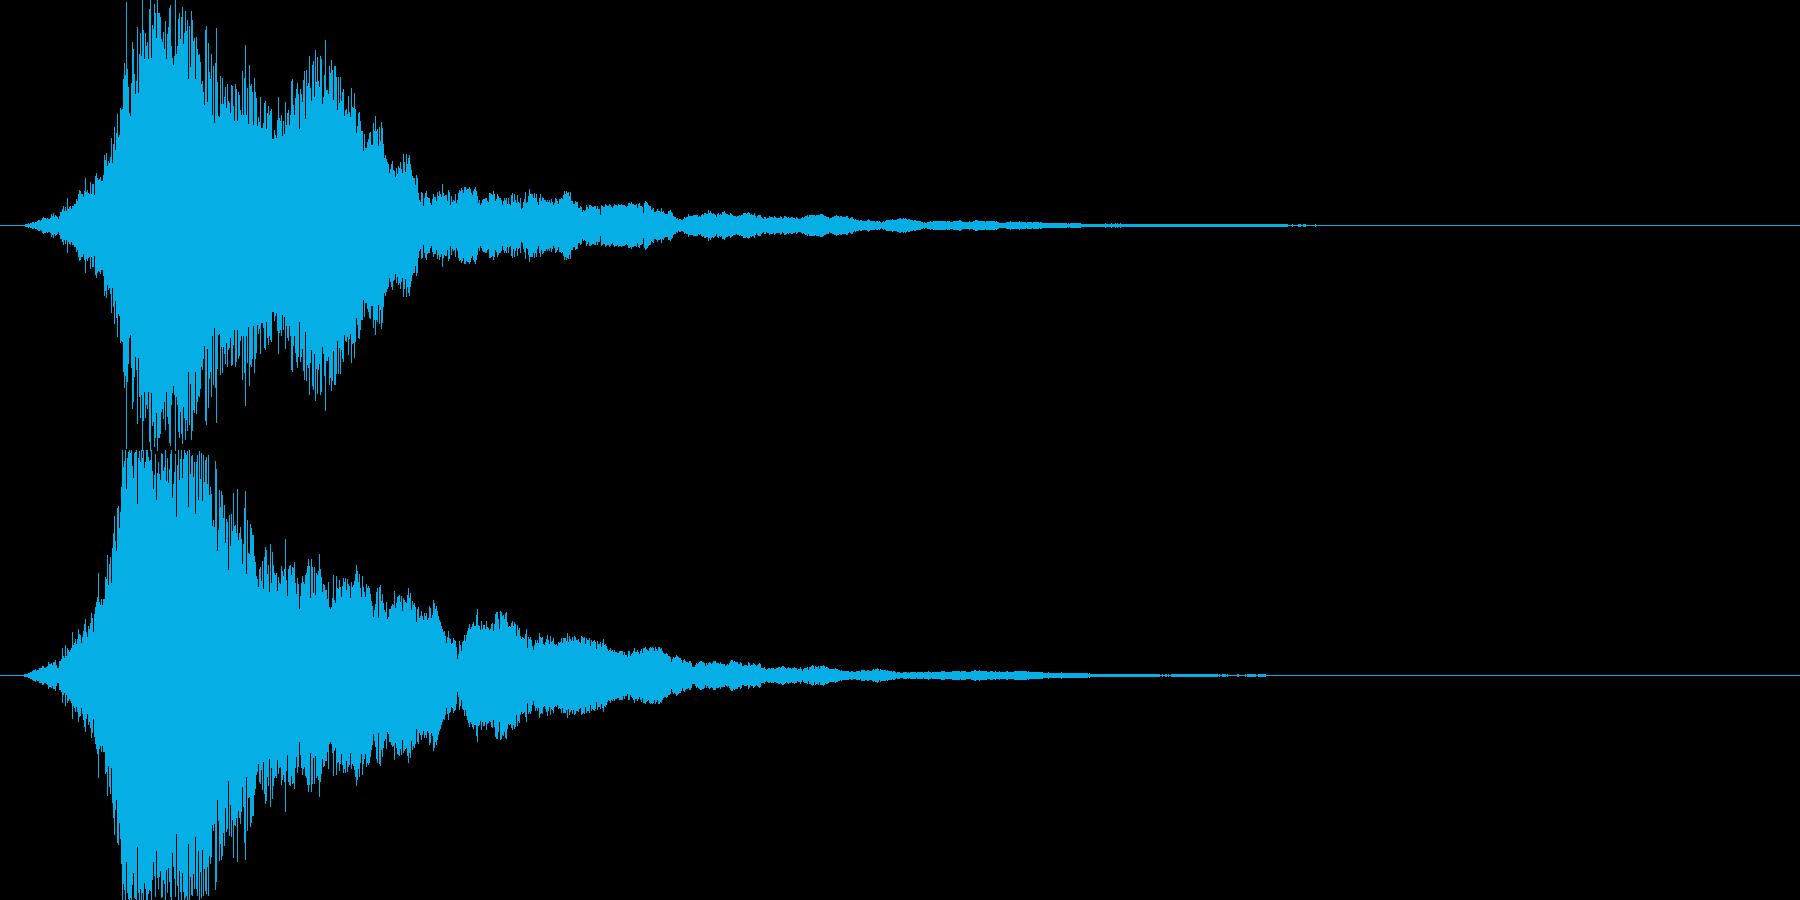 シャキーン 派手なインパクト音6の再生済みの波形